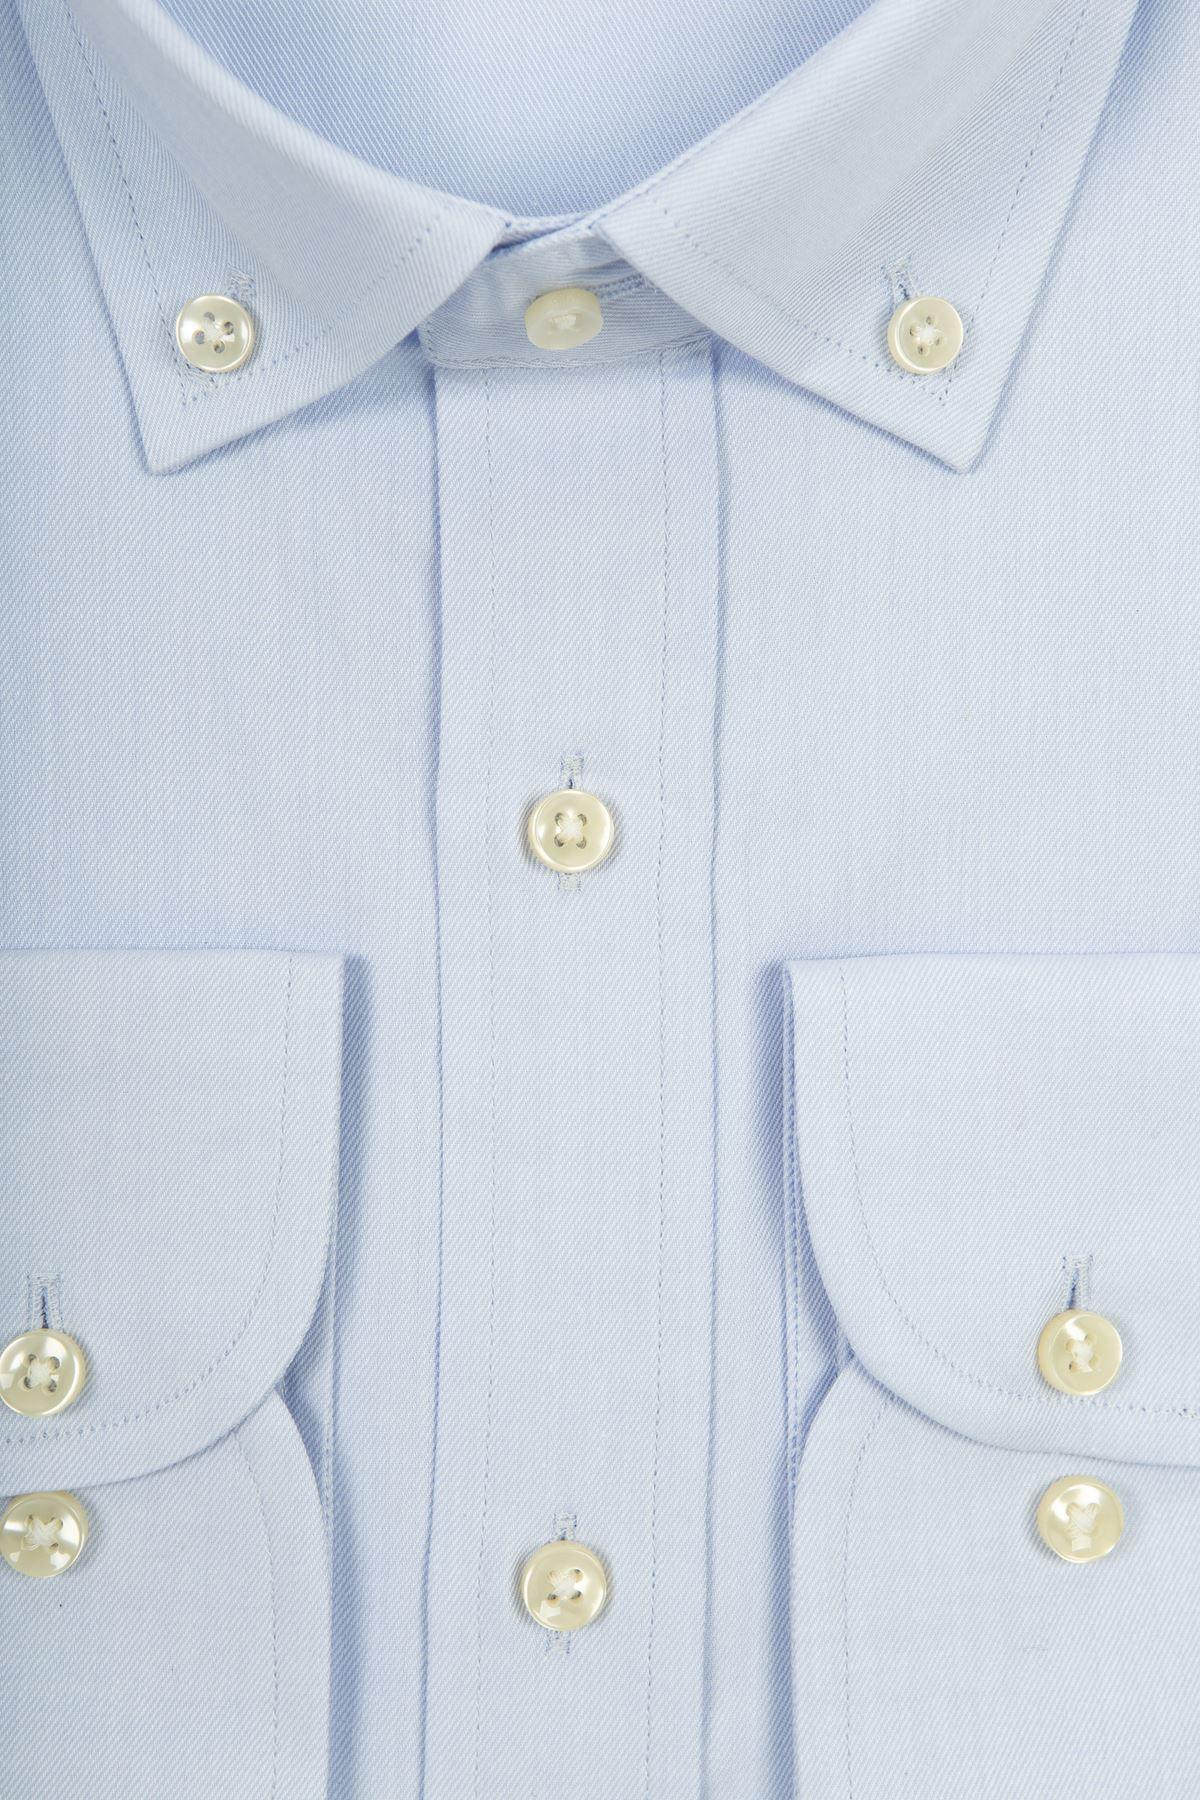 Açık Mavi Slim Kalıp Düğmeli Yaka Gömlek